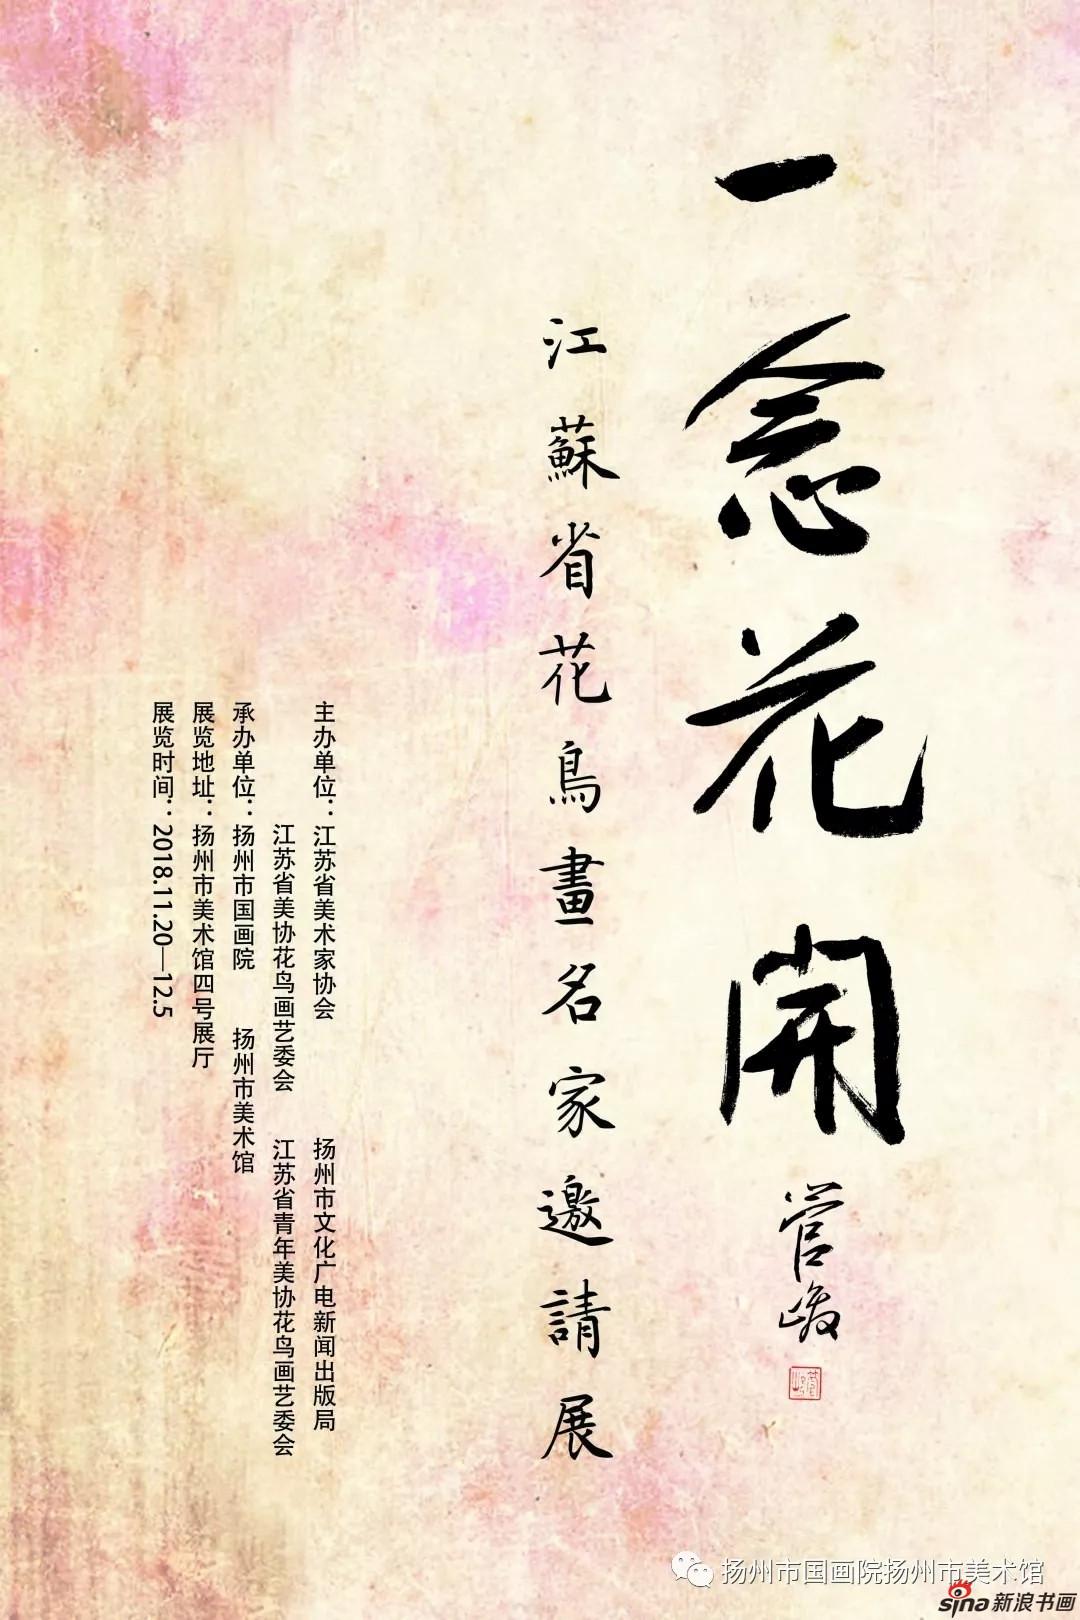 新浪展讯|一念花开——江苏省花鸟画名家邀请展